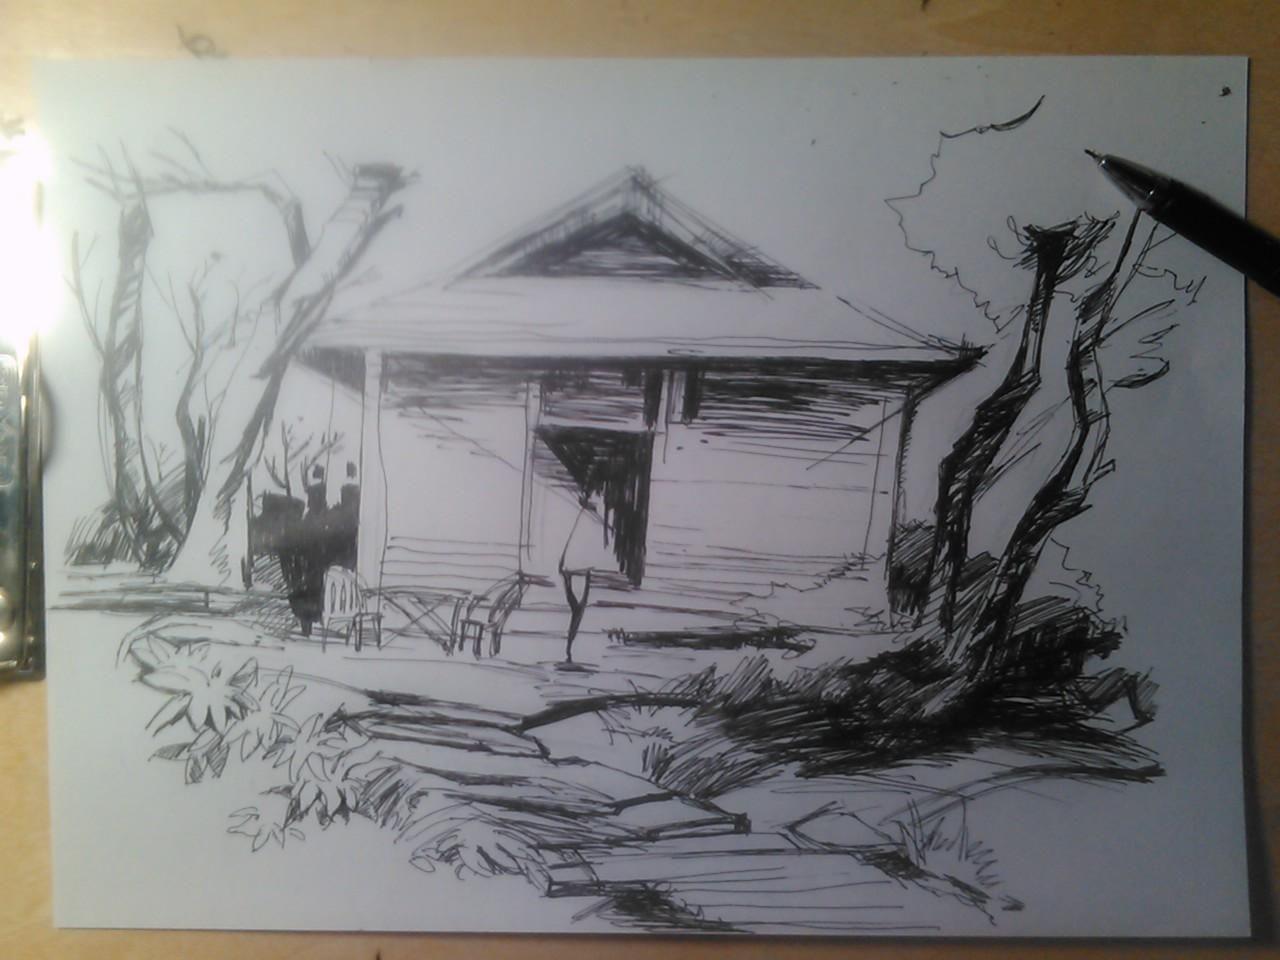 房屋速写 手绘练习小稿 黑白效果手绘 高清图片